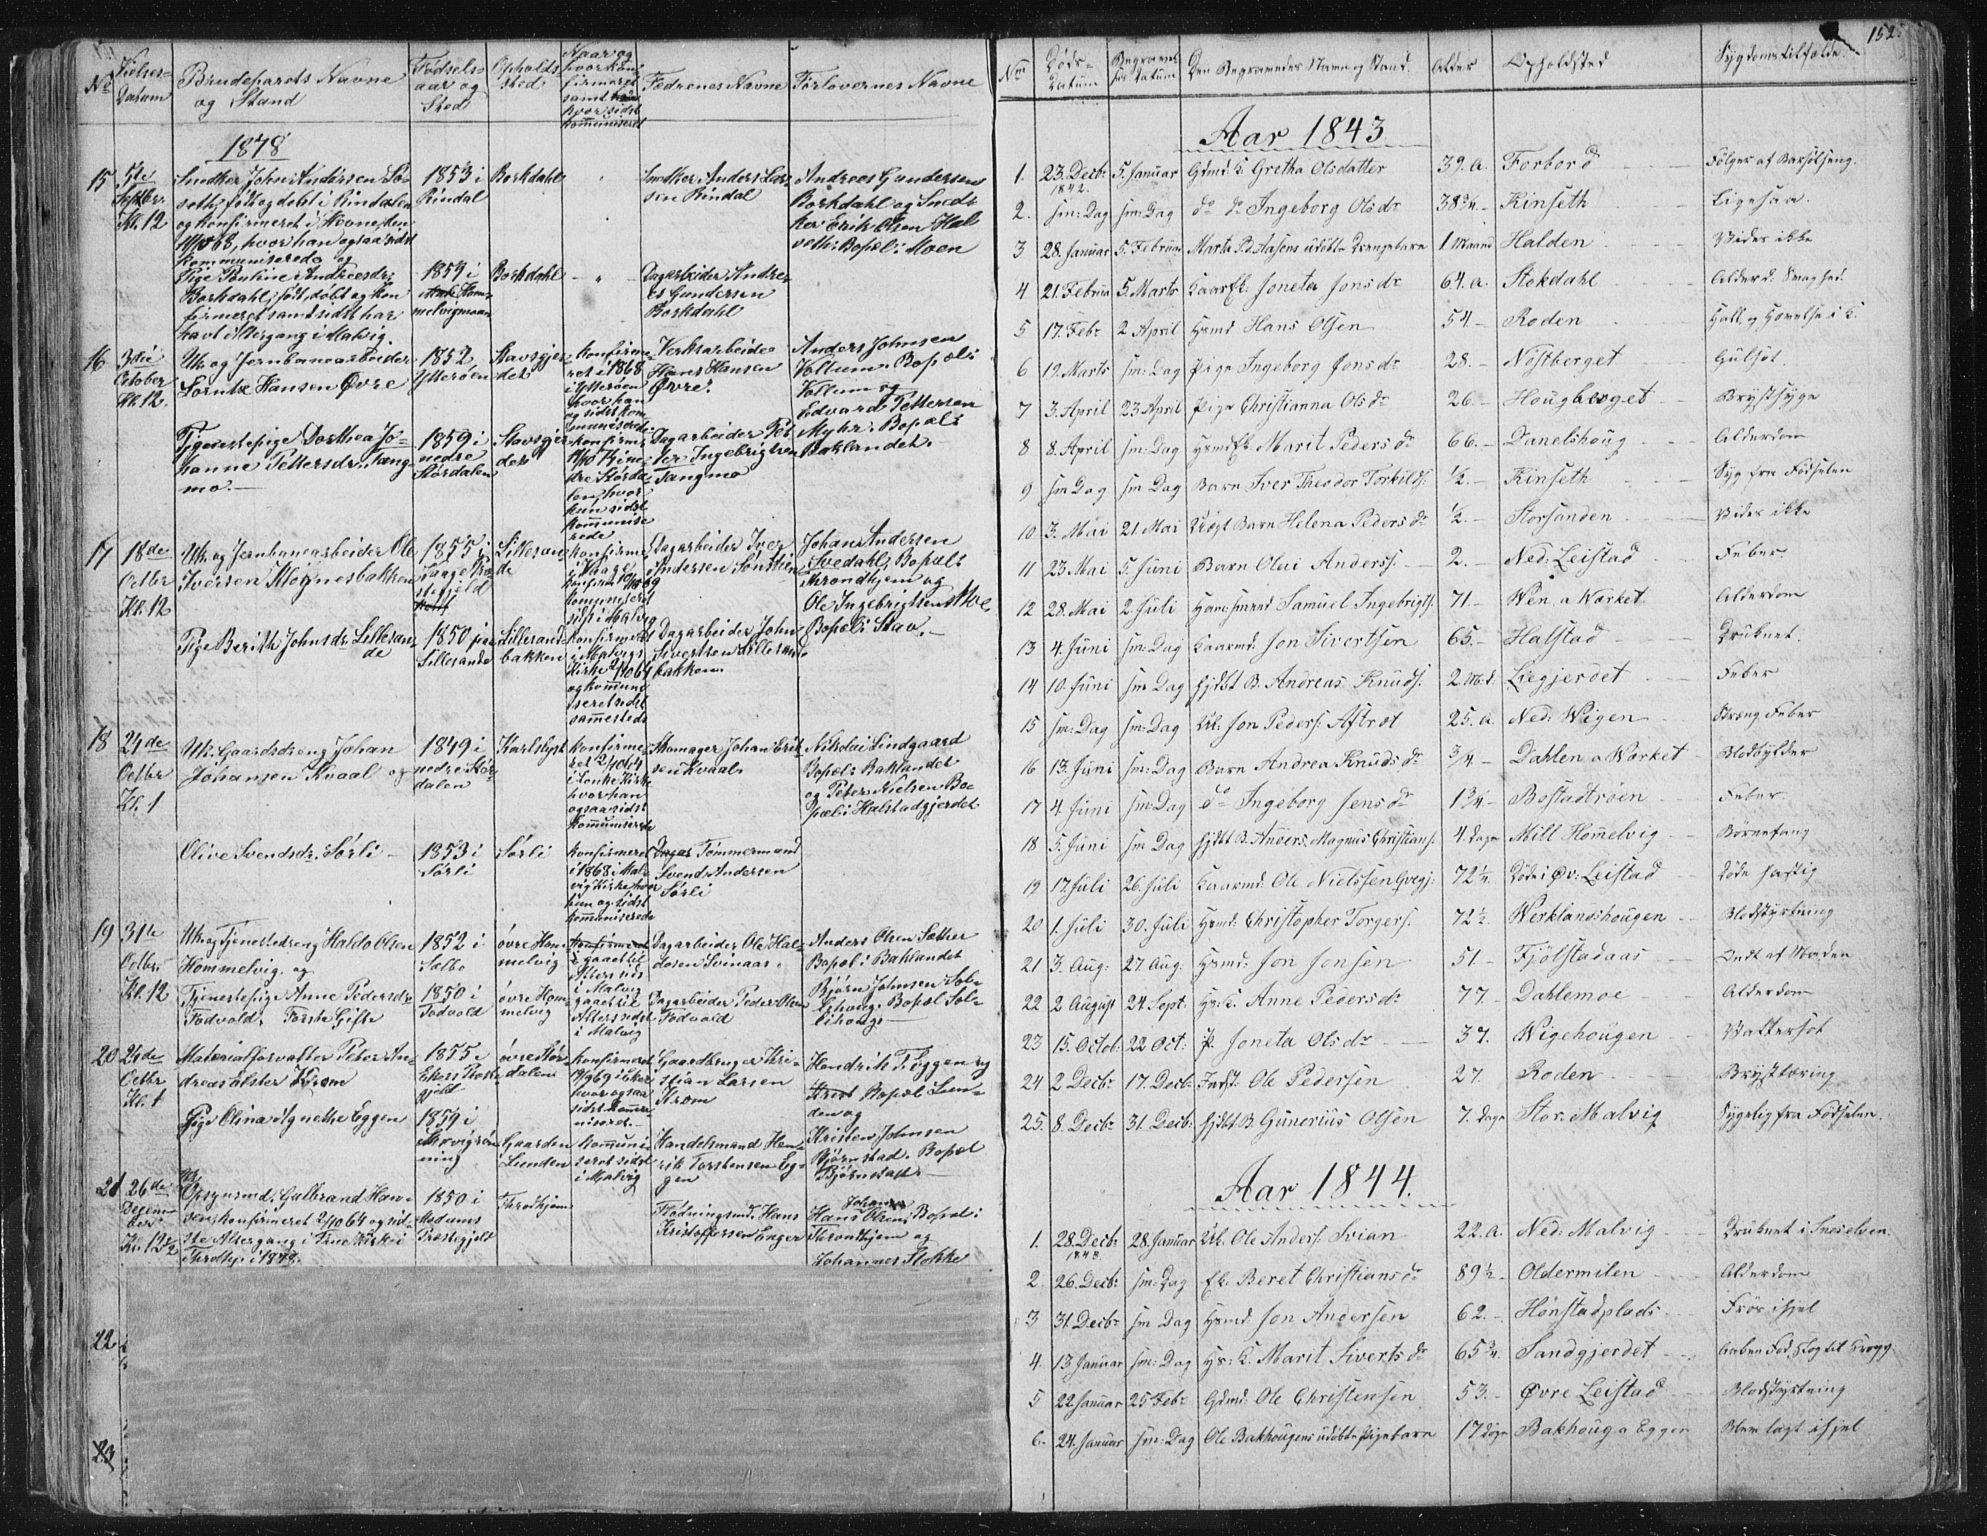 SAT, Ministerialprotokoller, klokkerbøker og fødselsregistre - Sør-Trøndelag, 616/L0406: Ministerialbok nr. 616A03, 1843-1879, s. 152